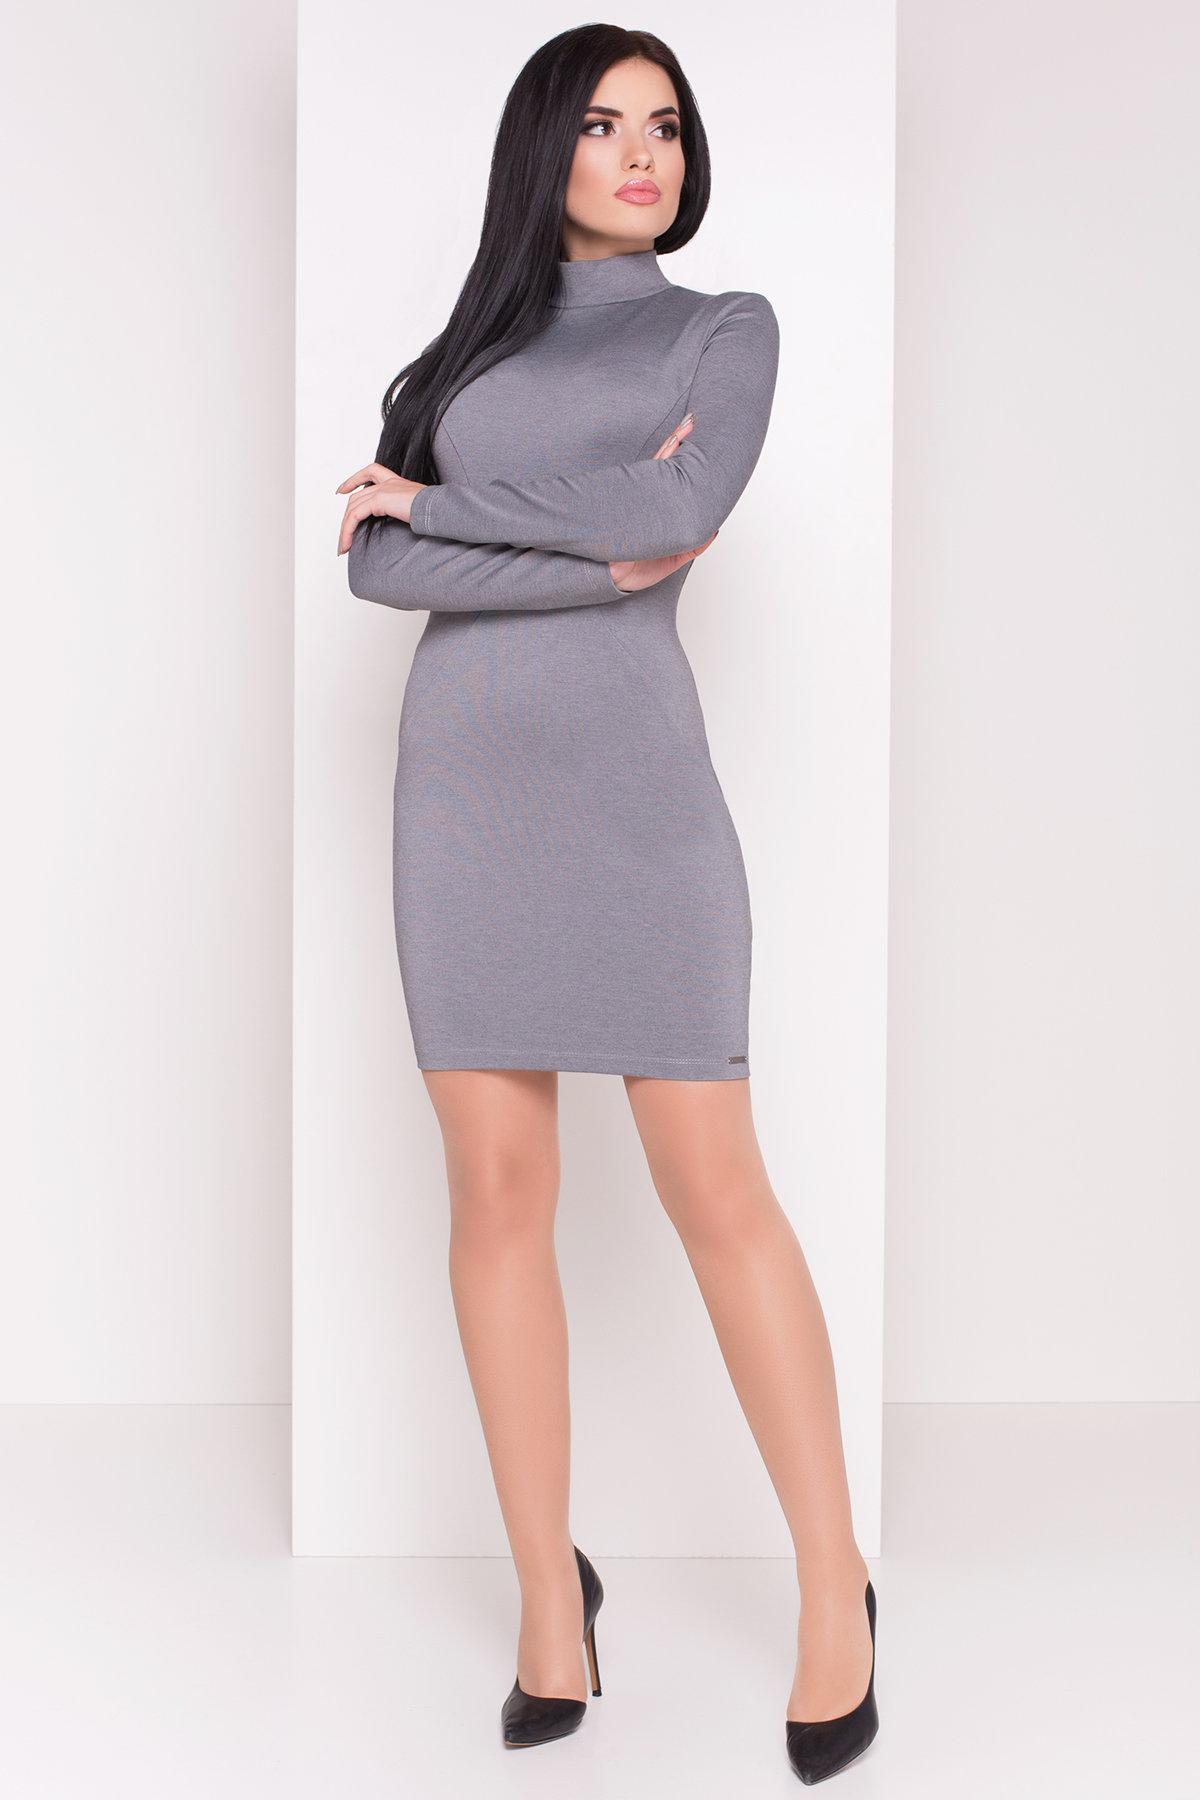 Платье Терция джерси АРТ. 6974 Цвет: Серый - фото 1, интернет магазин tm-modus.ru